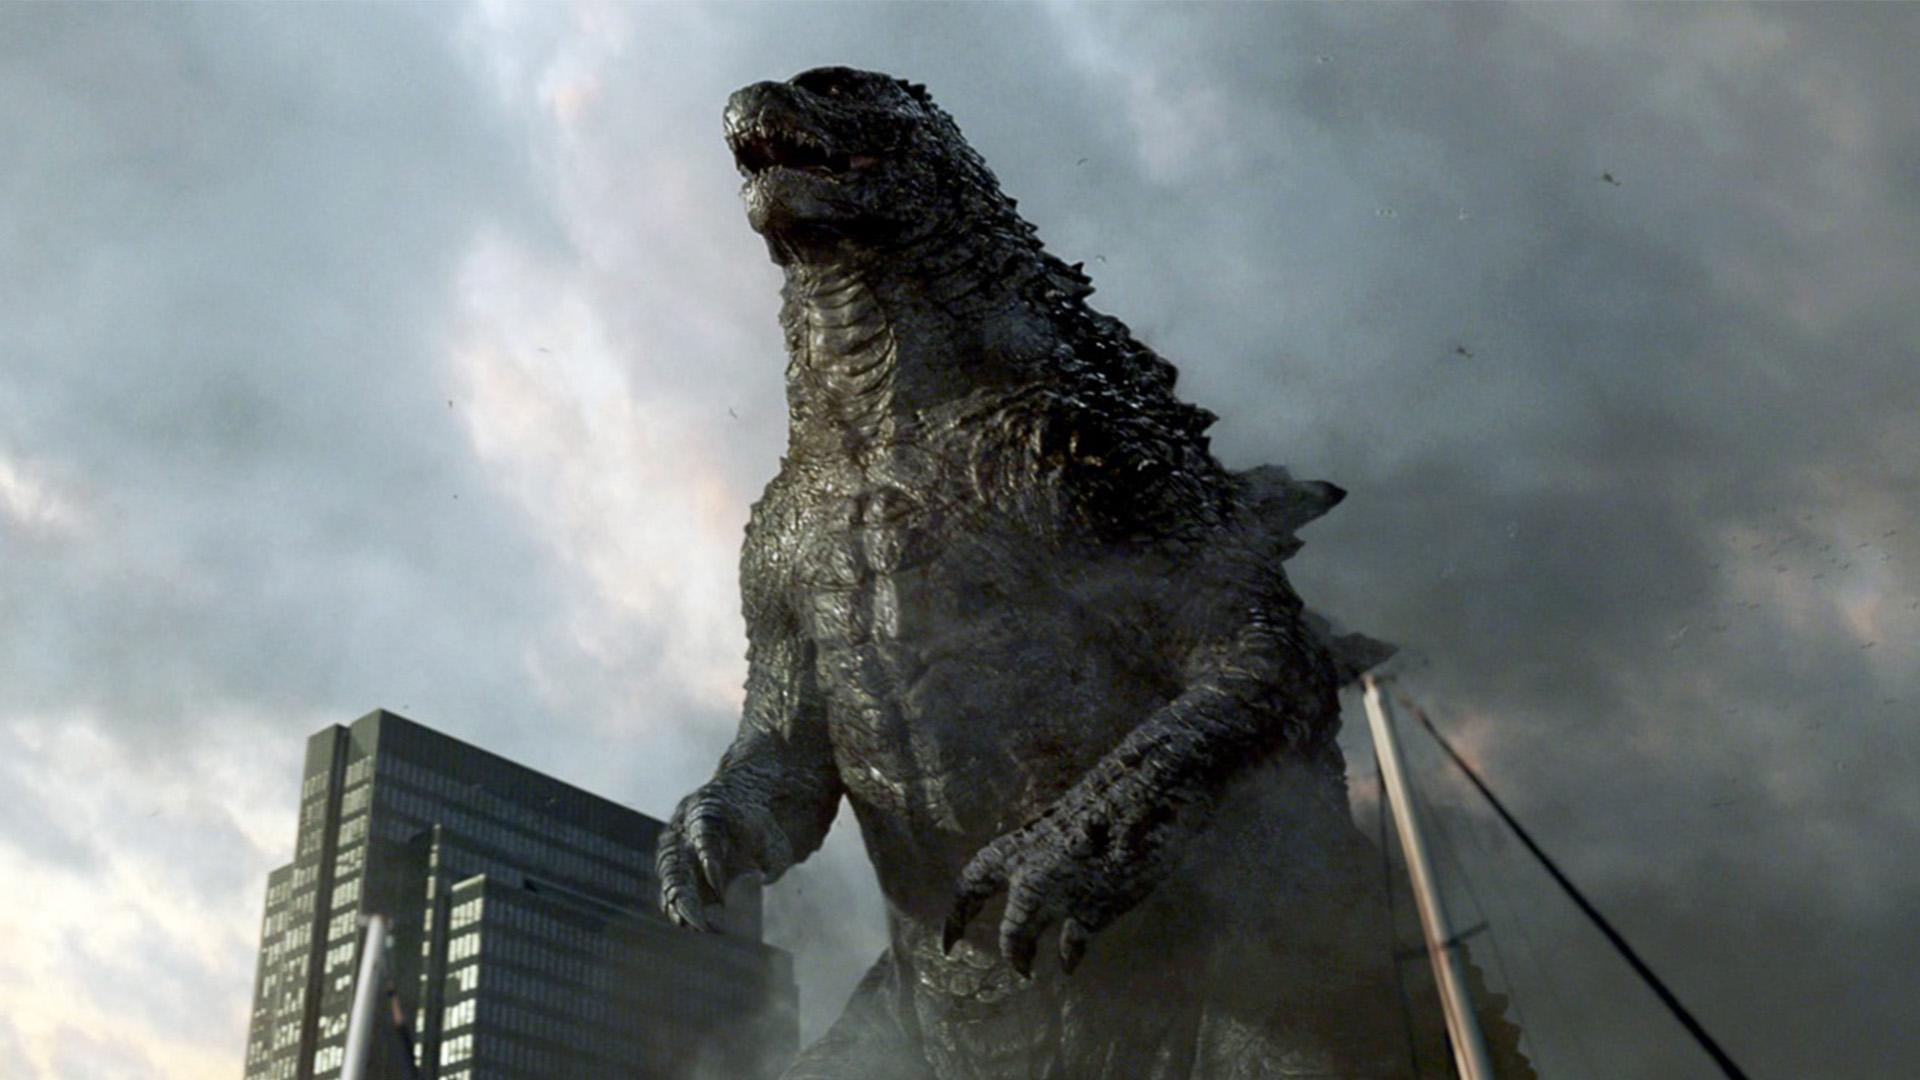 Godzilla 2, Godzilla: King of Monsters